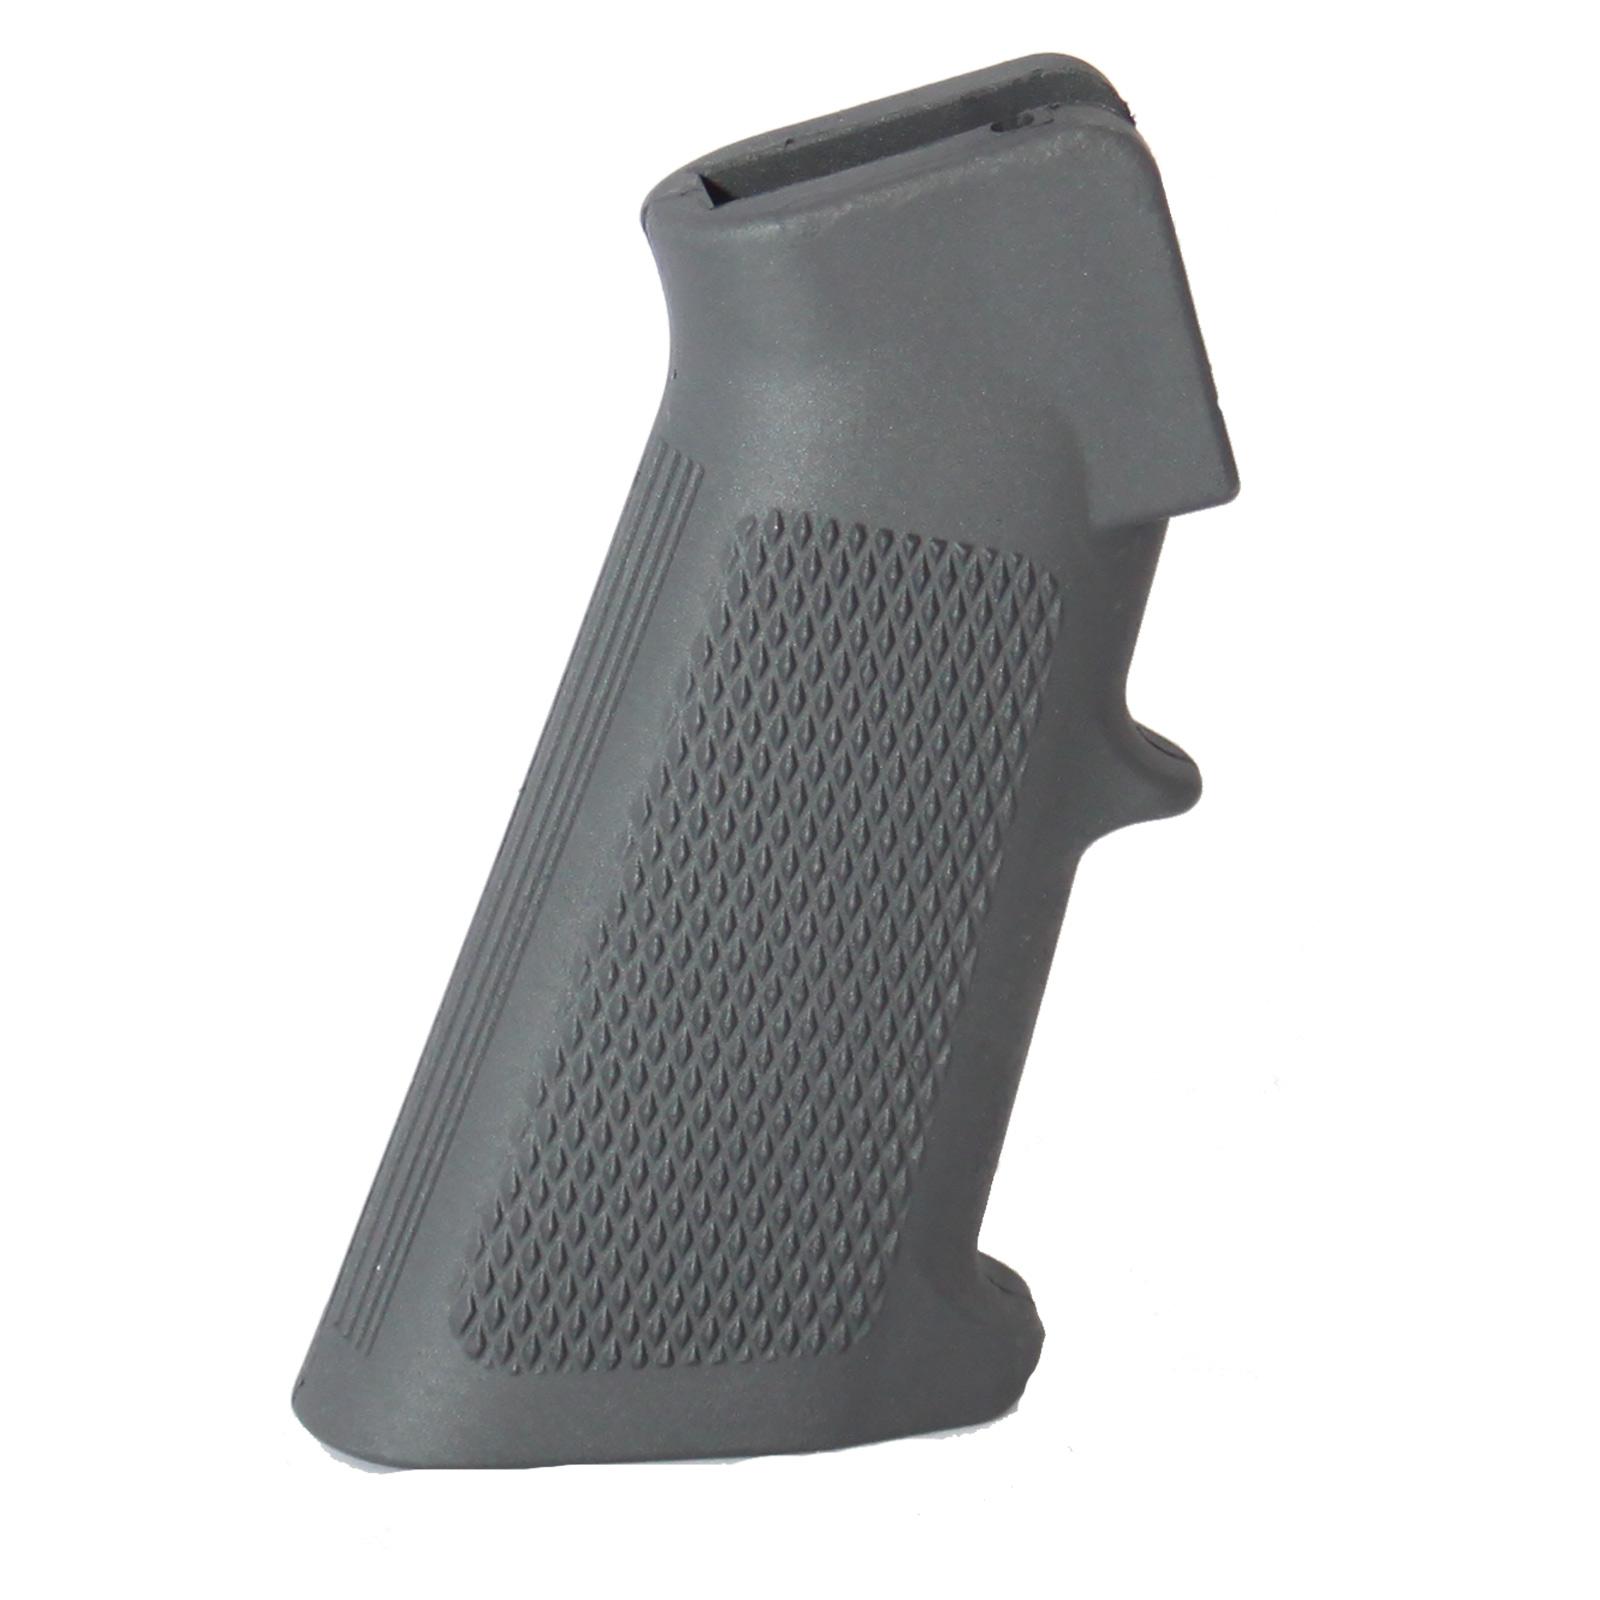 ar-15-grip-pistol-grip-sniper-grey-180214-3